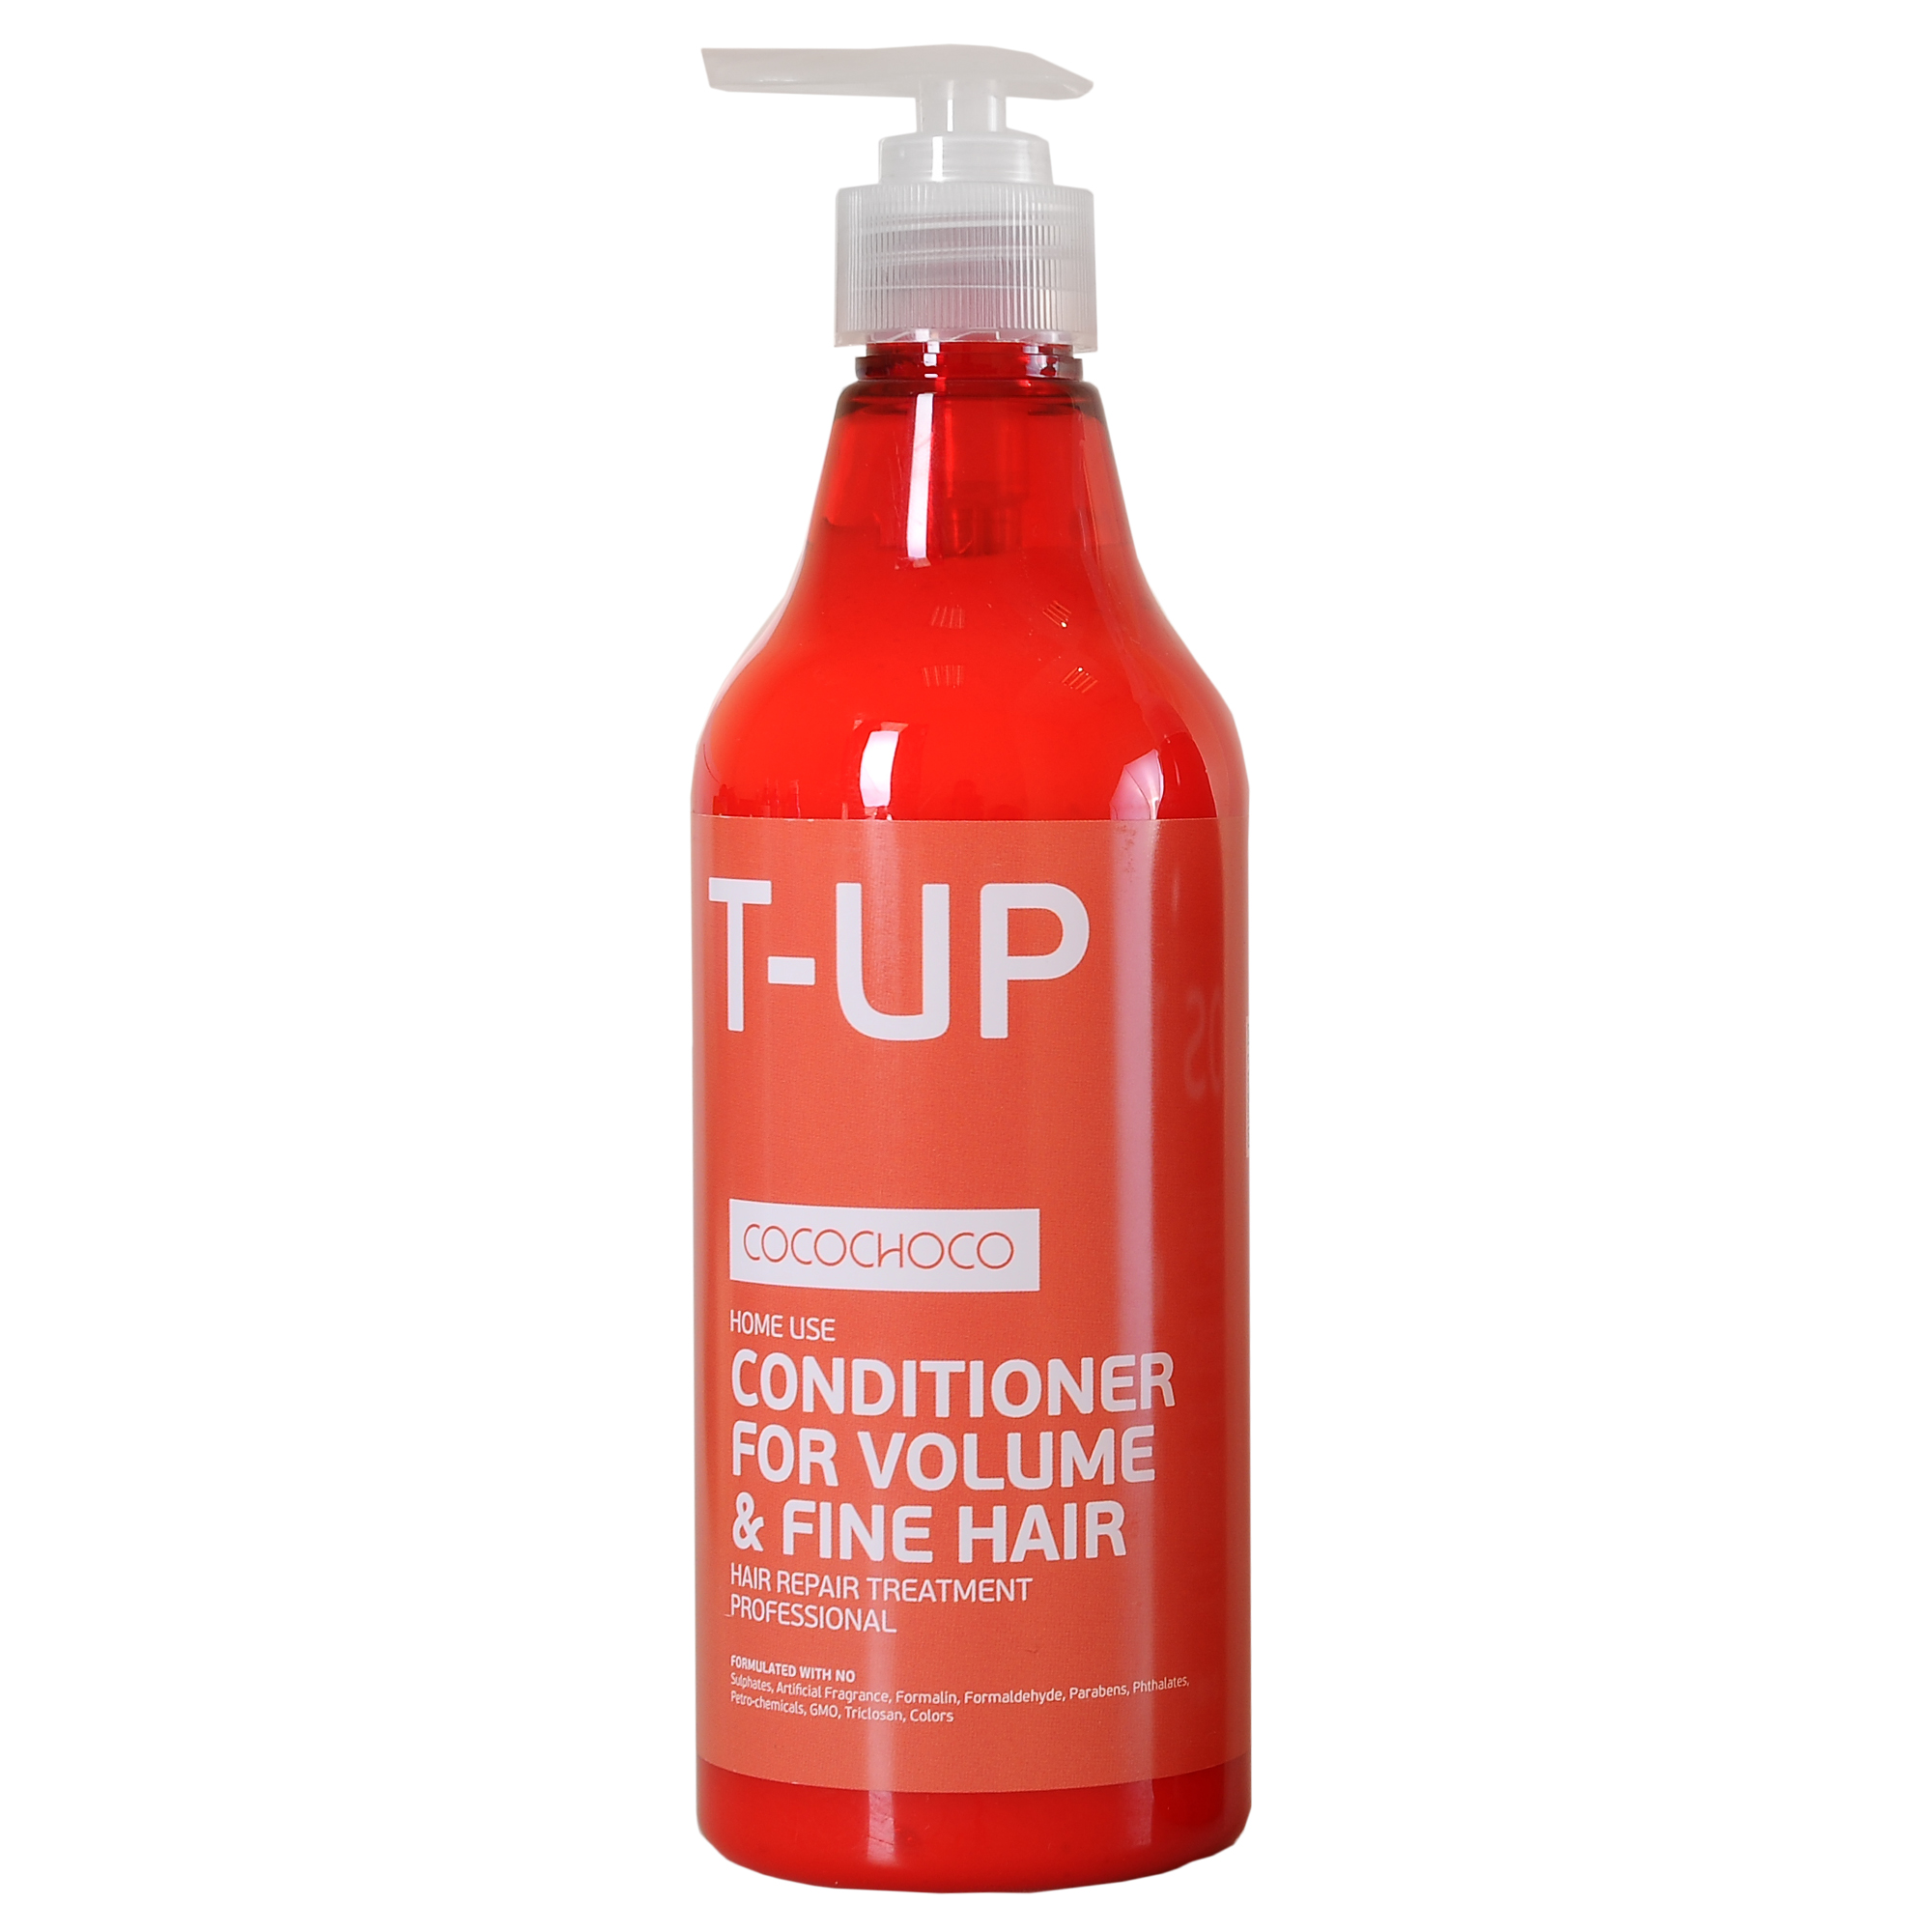 COCOCHOCO Кондиционер для придания объема / BOOST-UP 500 млКондиционеры<br>Кондиционер Boost-Up Conditioner for Volume &amp;amp; Fine Hair для придания волосам объёма и пышности рекомендован для ухода за тонкими, лишёнными объёма волосами, а также применяется после процедуры кератинового восстановления волос. Регулярное использование кондиционера гарантирует волосам отличный объём на весь день. Способ применения: равномерно нанести небольшое количество кондиционера мягкими массажными движениями на влажные волосы. Оставить на 2-3 минут. Тщательно смыть тёплой водой. Активные ингредиенты: смягчение (масла): аргана, олива. Питание (экстракты): сверция японская, лопух, овес, алоэ. Восстановление (аминокислоты): гиалуроновая кислота, альгинаты, пантенол D-5. Уплотнение (протеины): протеин пшеницы, натуральный кератин, протеин сои, молочный казеин. Текстура: силанетриол, феноксиэтанол, бензиловый спирт.<br><br>Объем: 500 мл